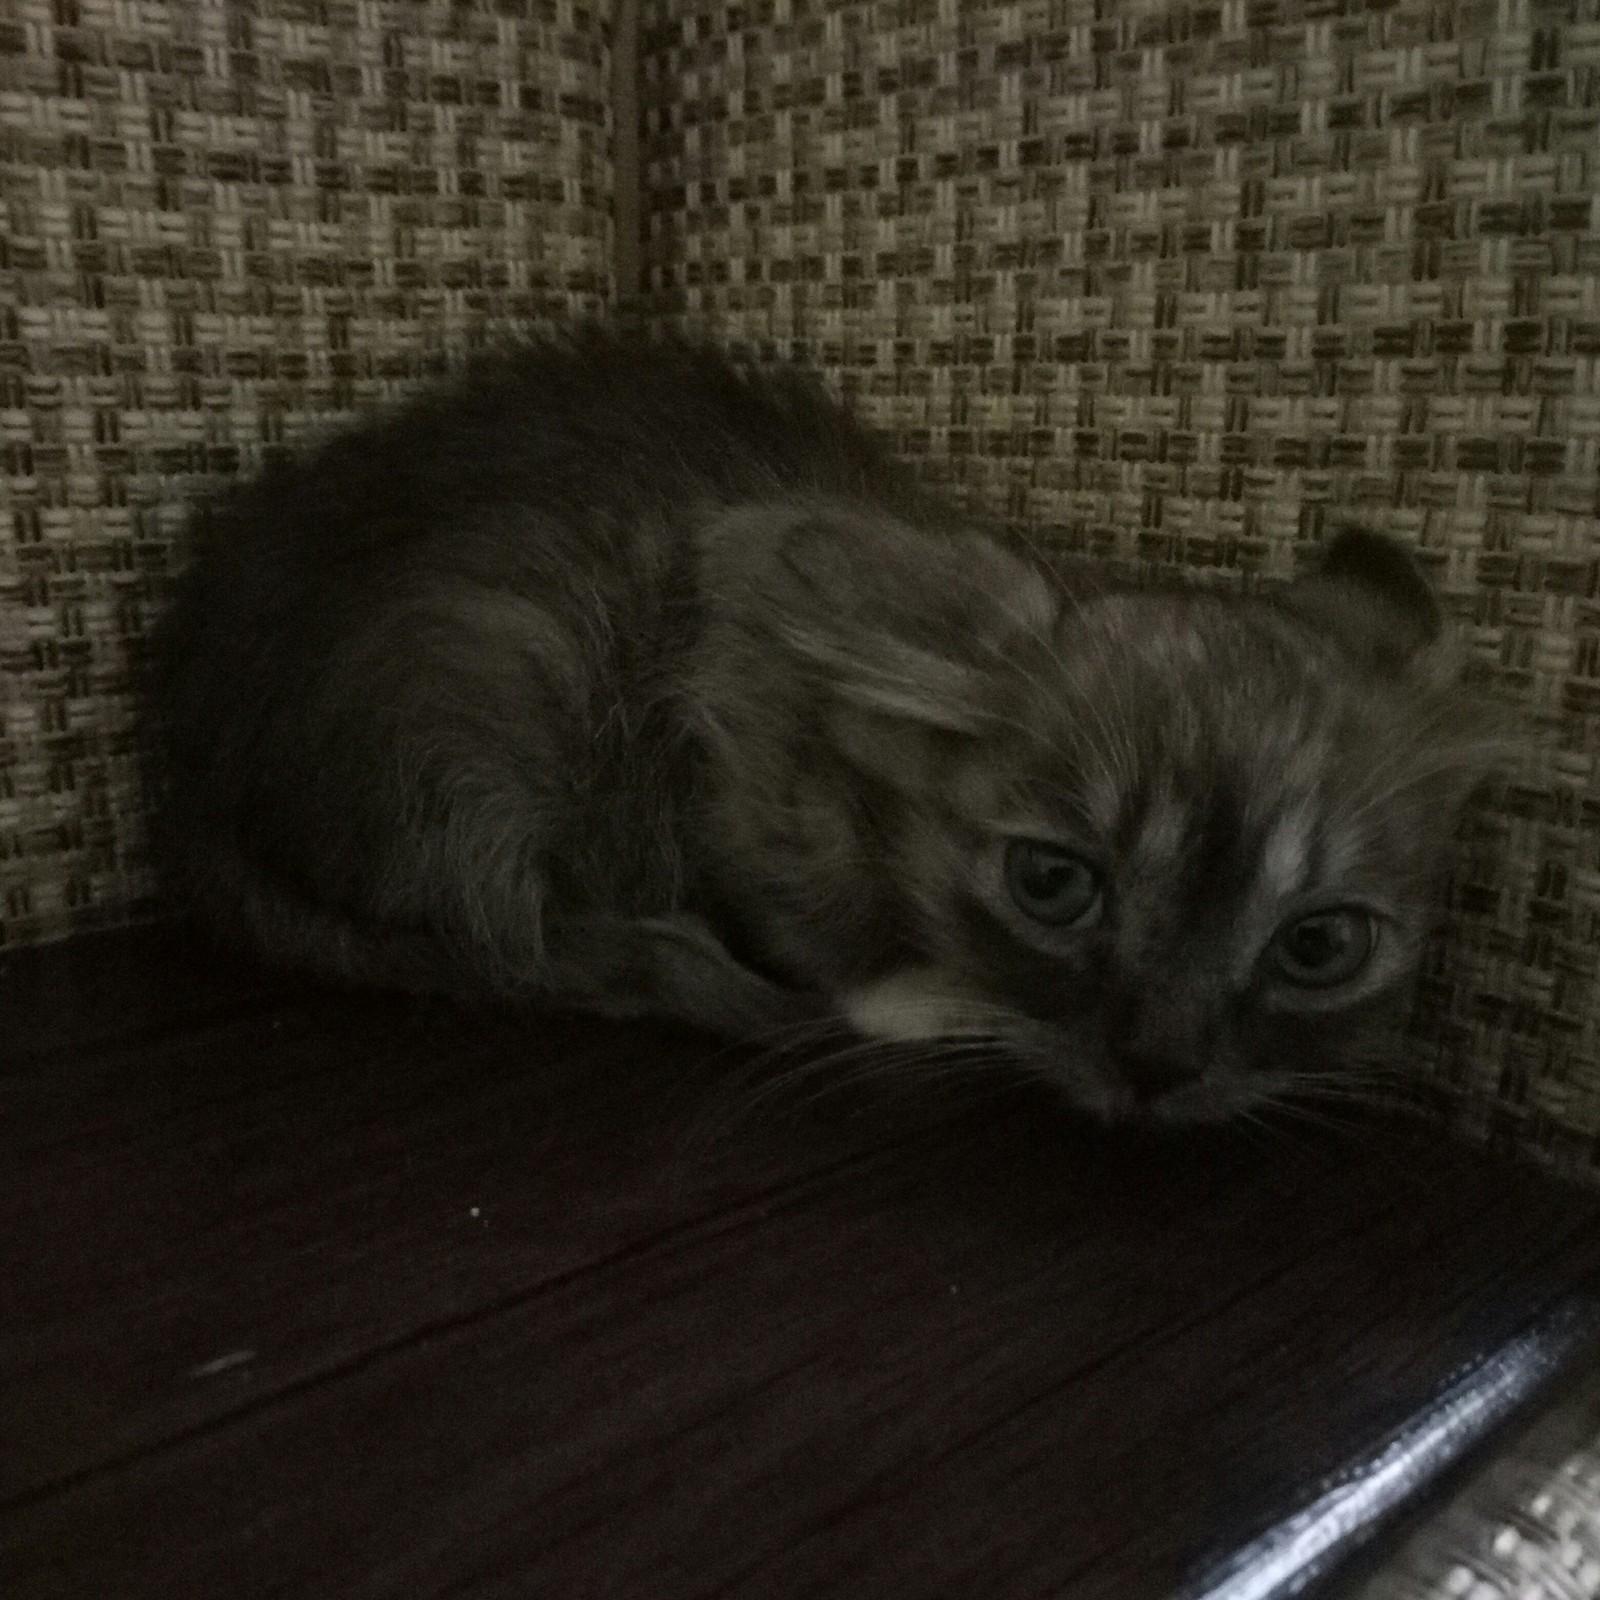 Кот сказал свое имя